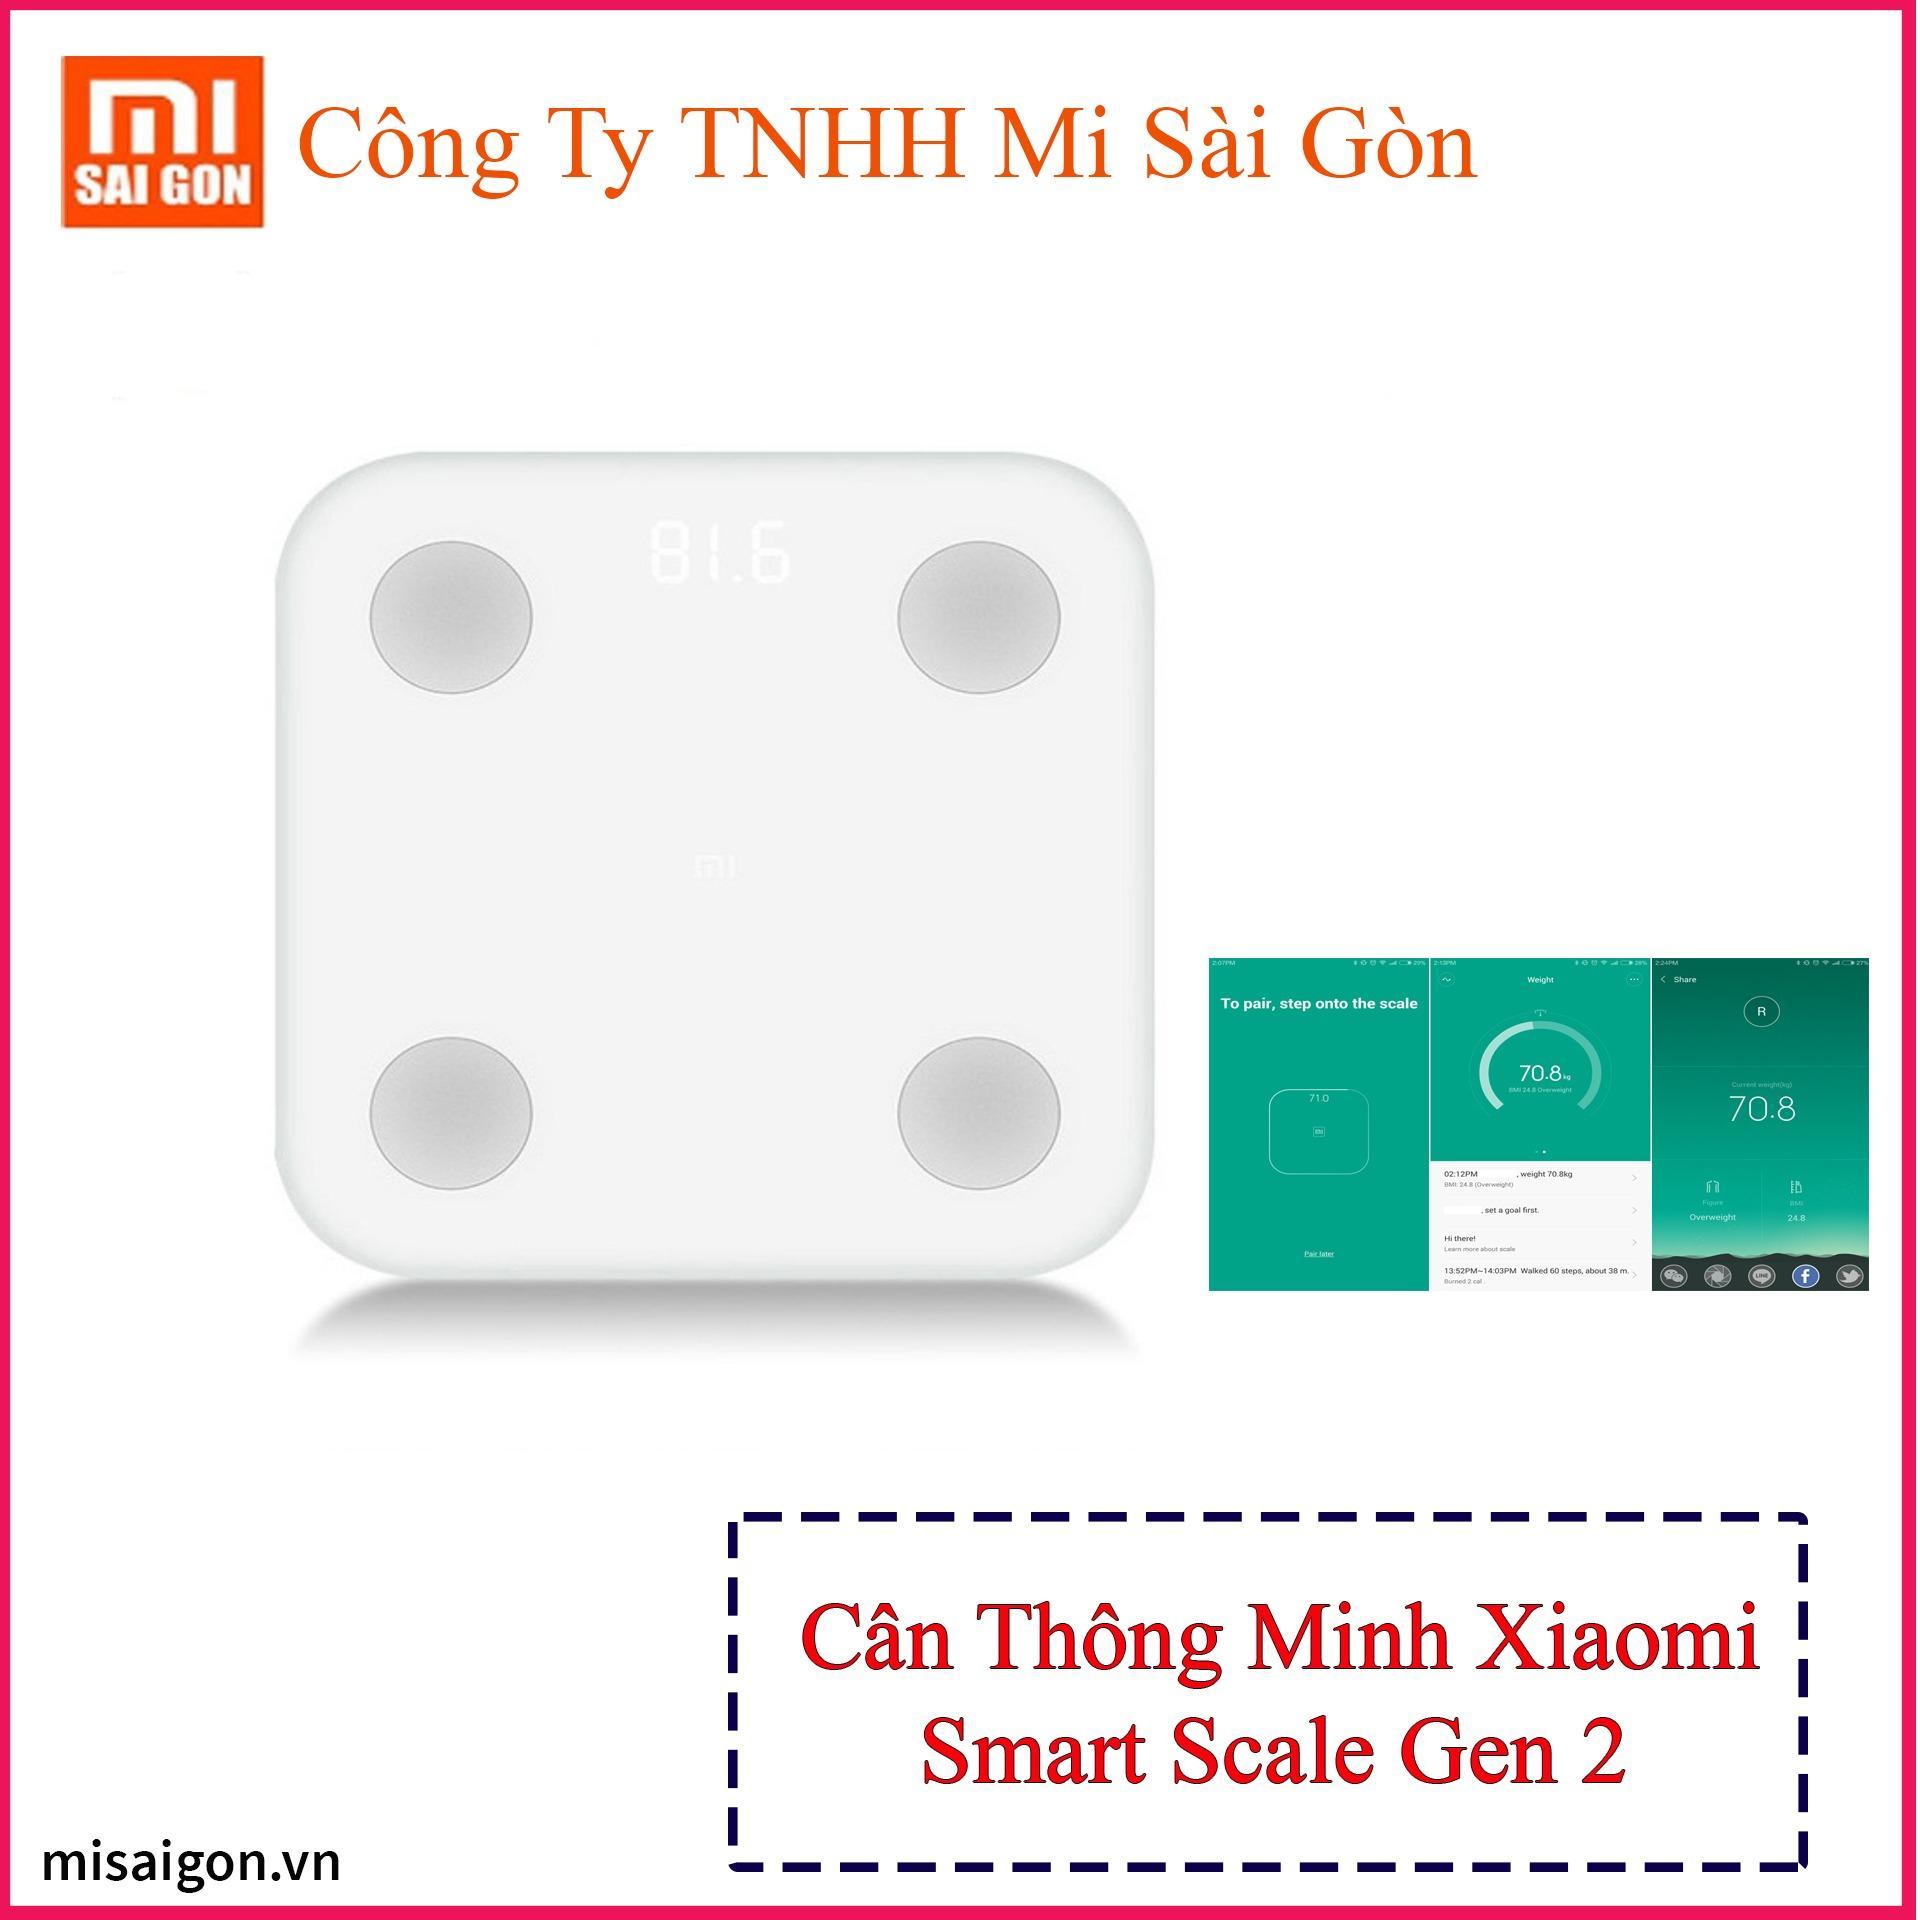 Cân Thông Minh Xiaomi Smart Scale Gen 2